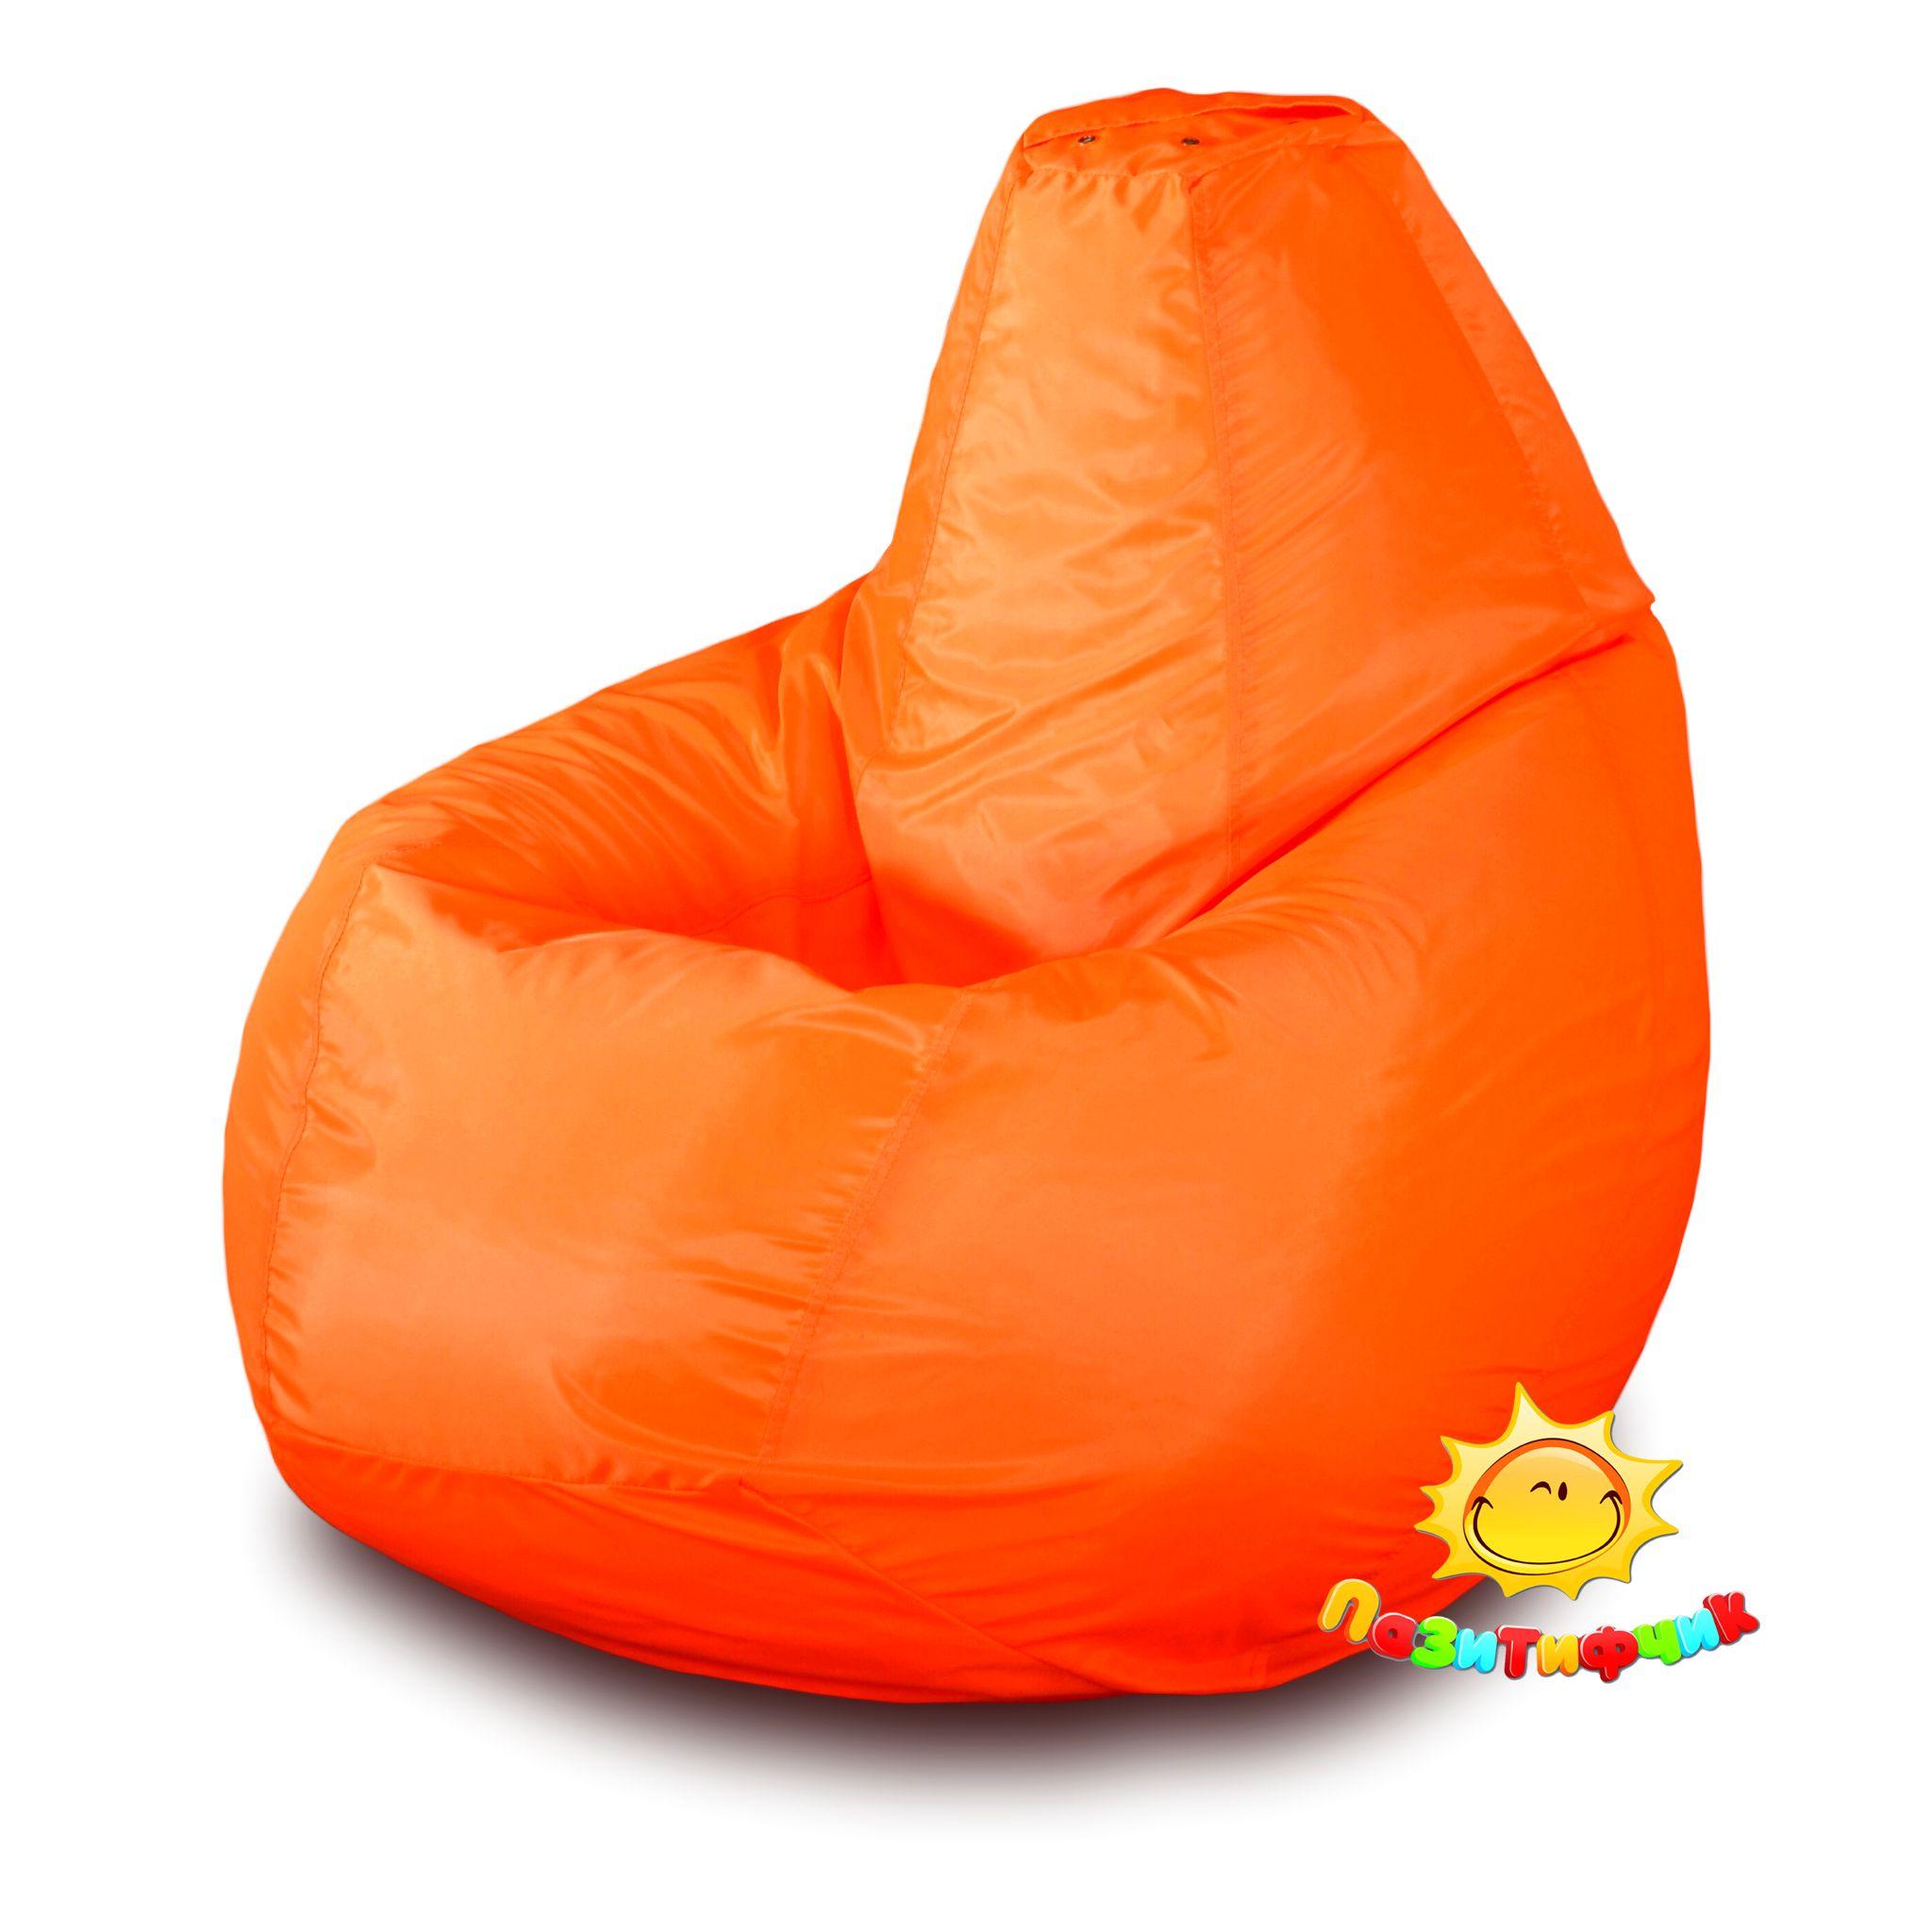 Кресло-мешок Pazitif Груша Пазитифчик, размер XL, оксфорд, оранжевый фото